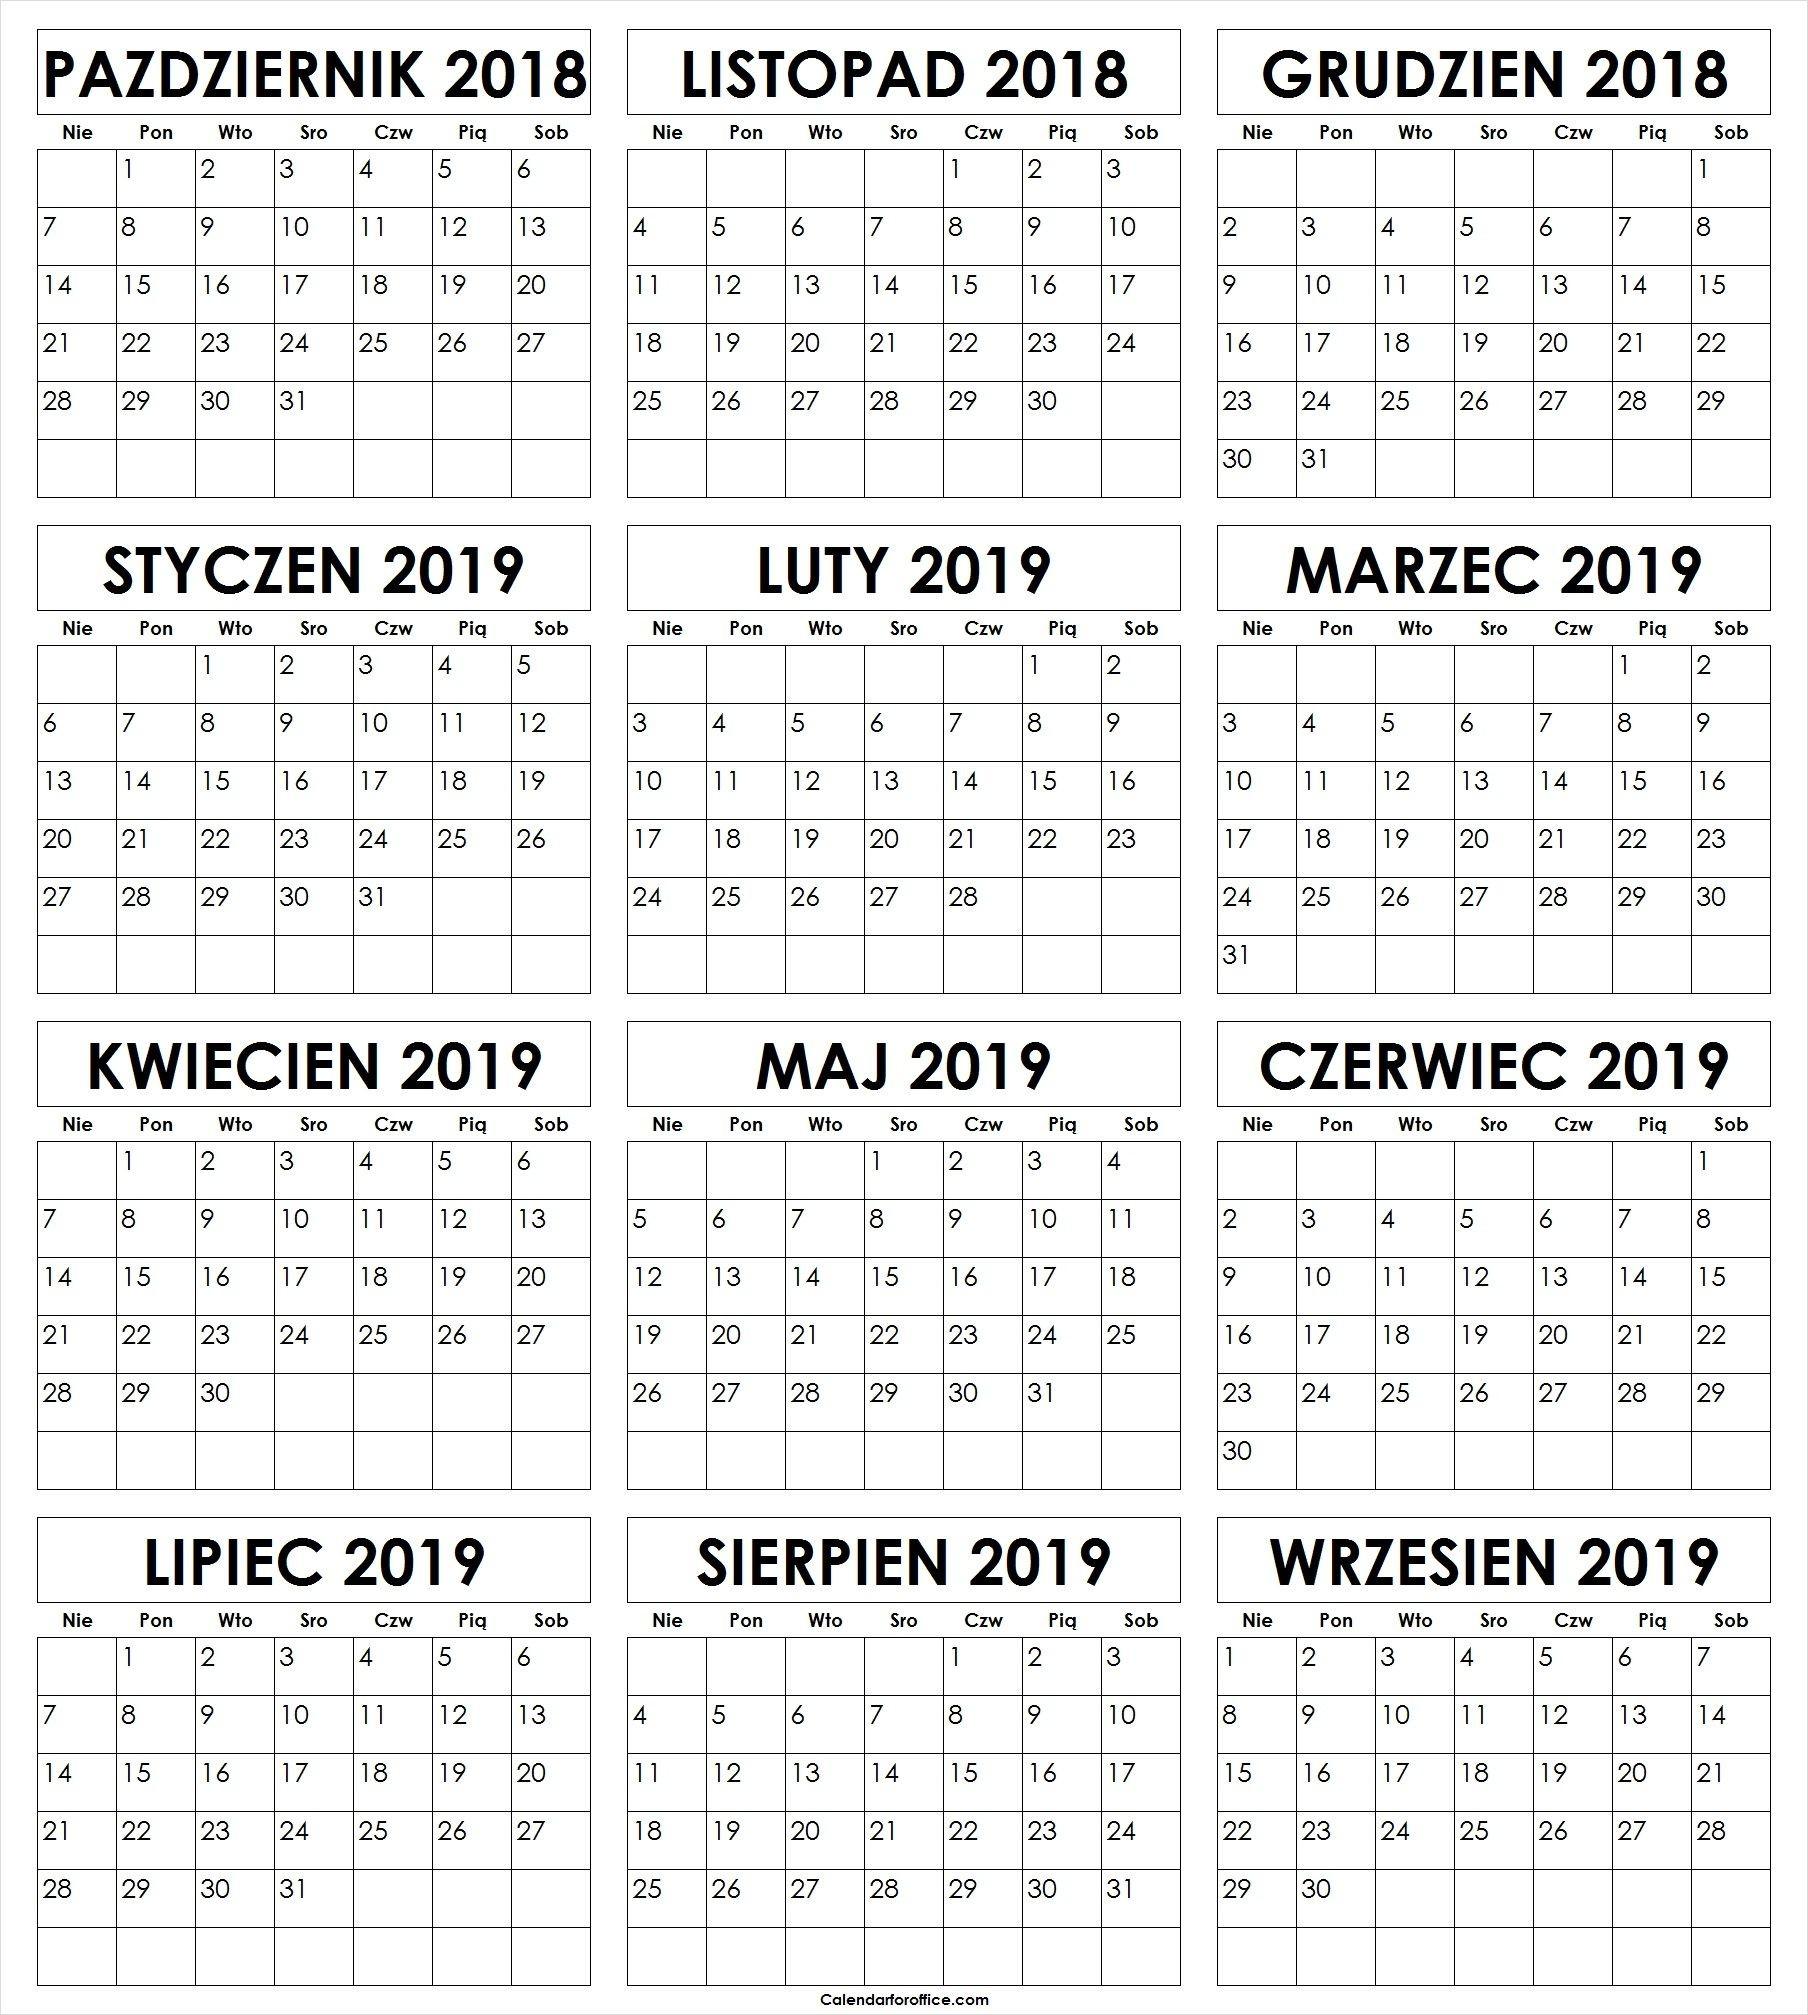 Calendario 2019 Feriados Sjc Más Actual Październik 2018 Do Wrzesień 2019 Kalendarz Of Calendario 2019 Feriados Sjc Más Populares College Of San Mateo